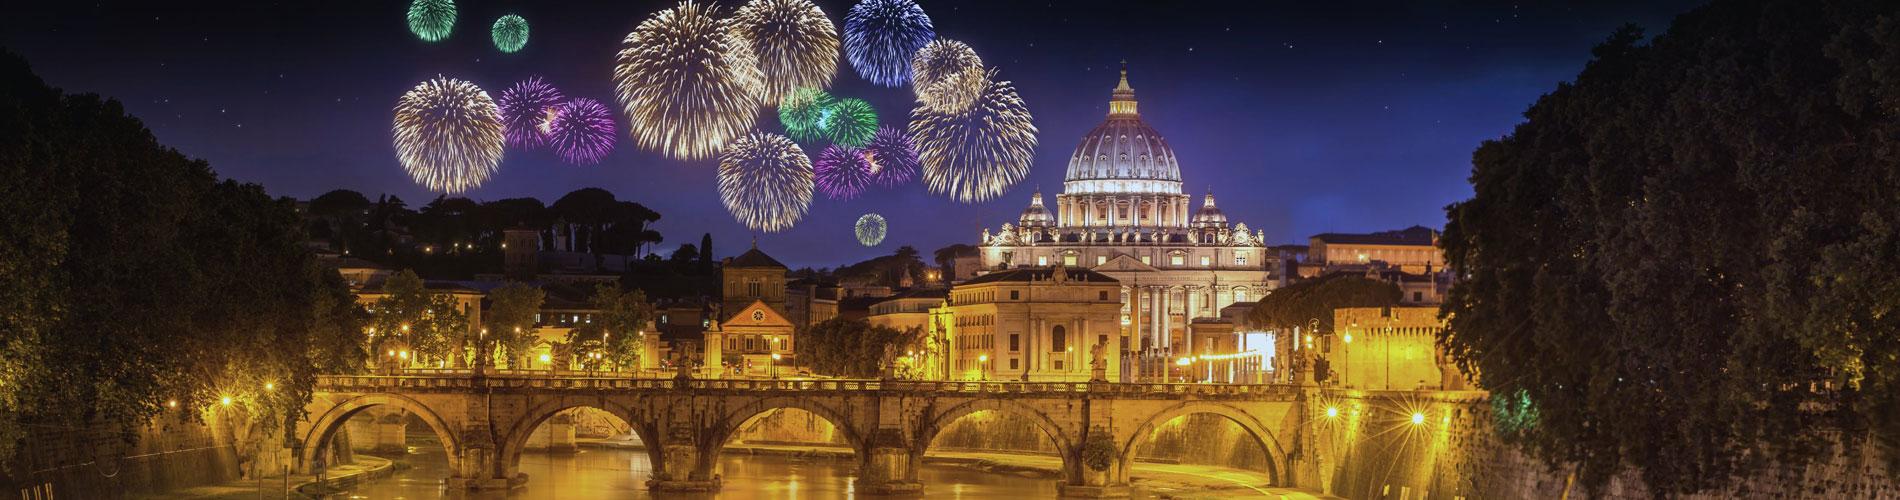 B&B Roma Capodanno